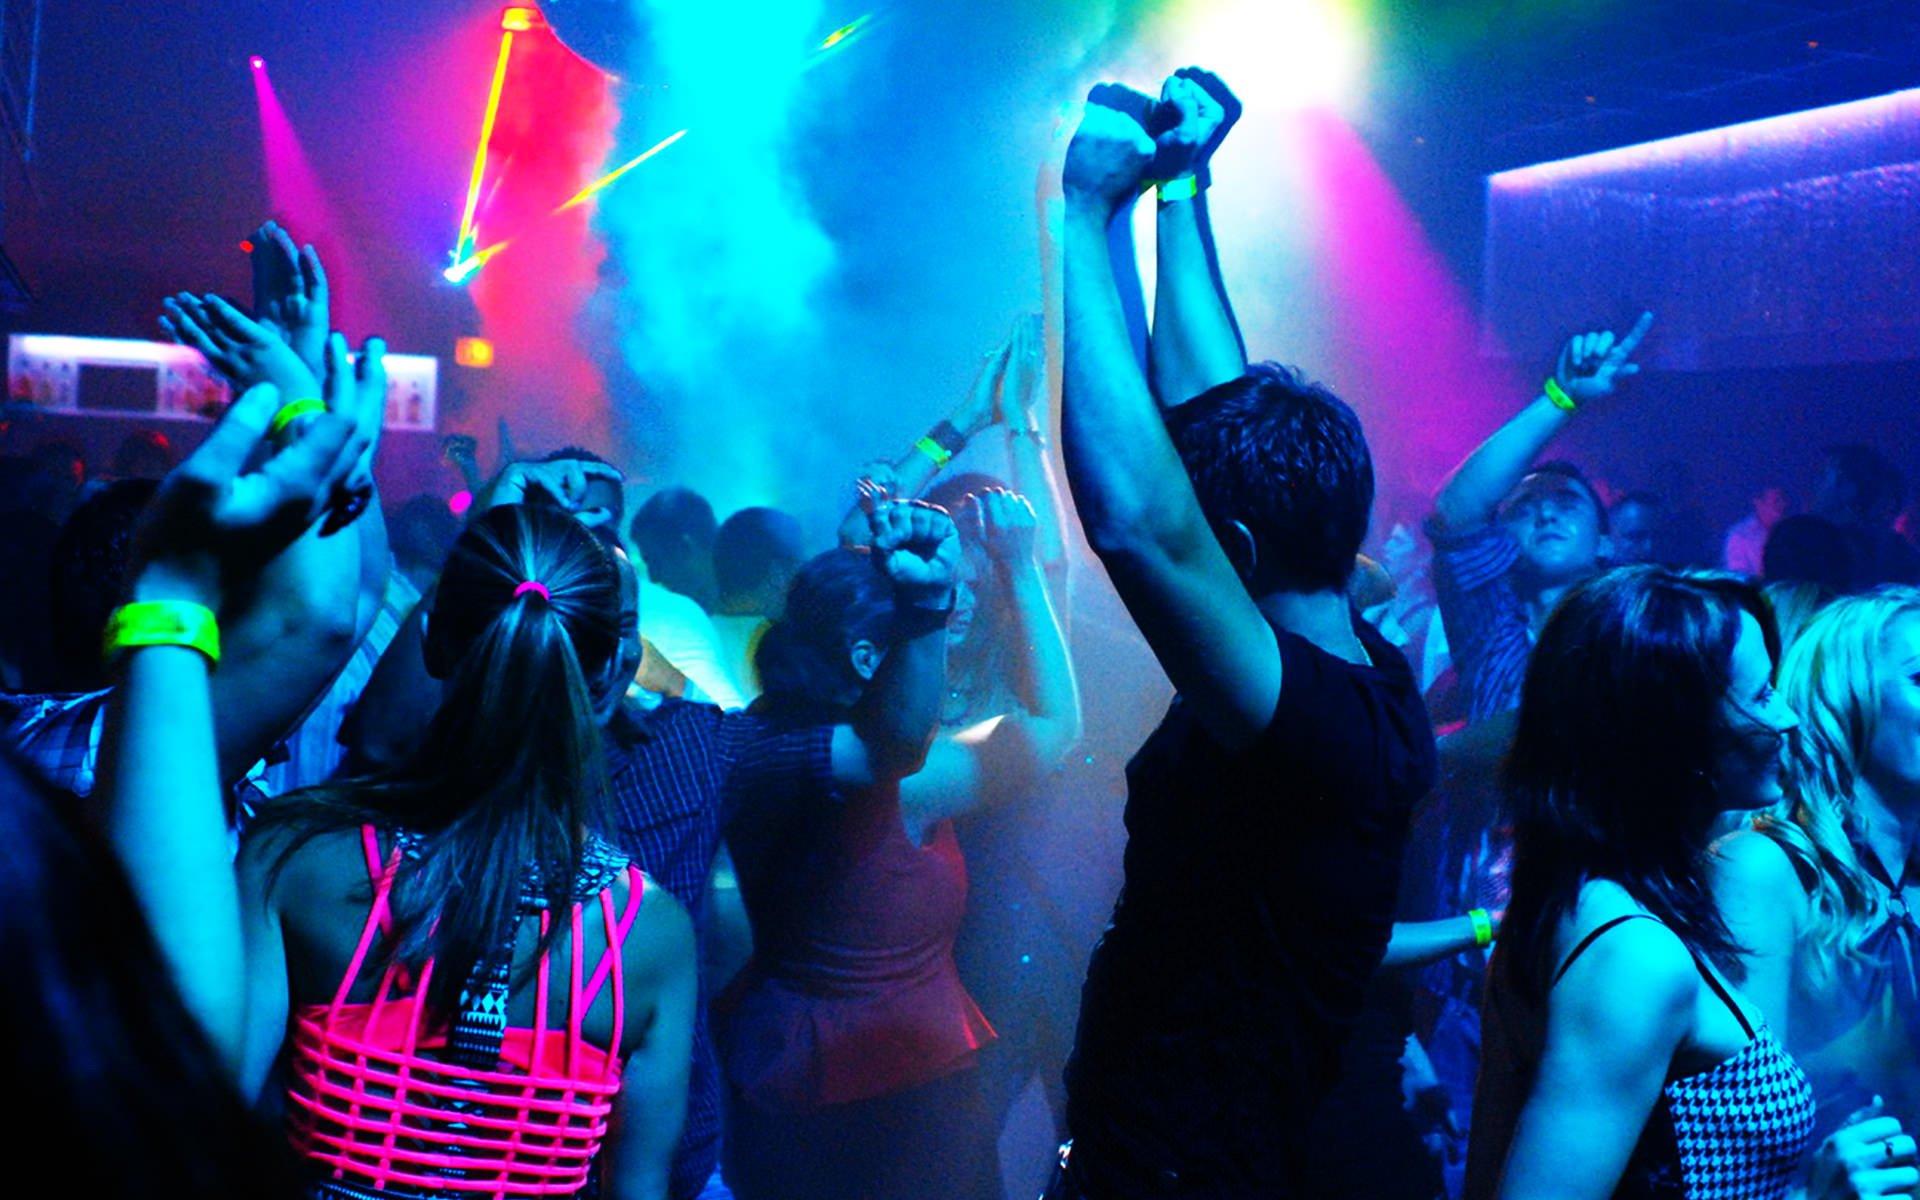 фото девушек в клубе ночном